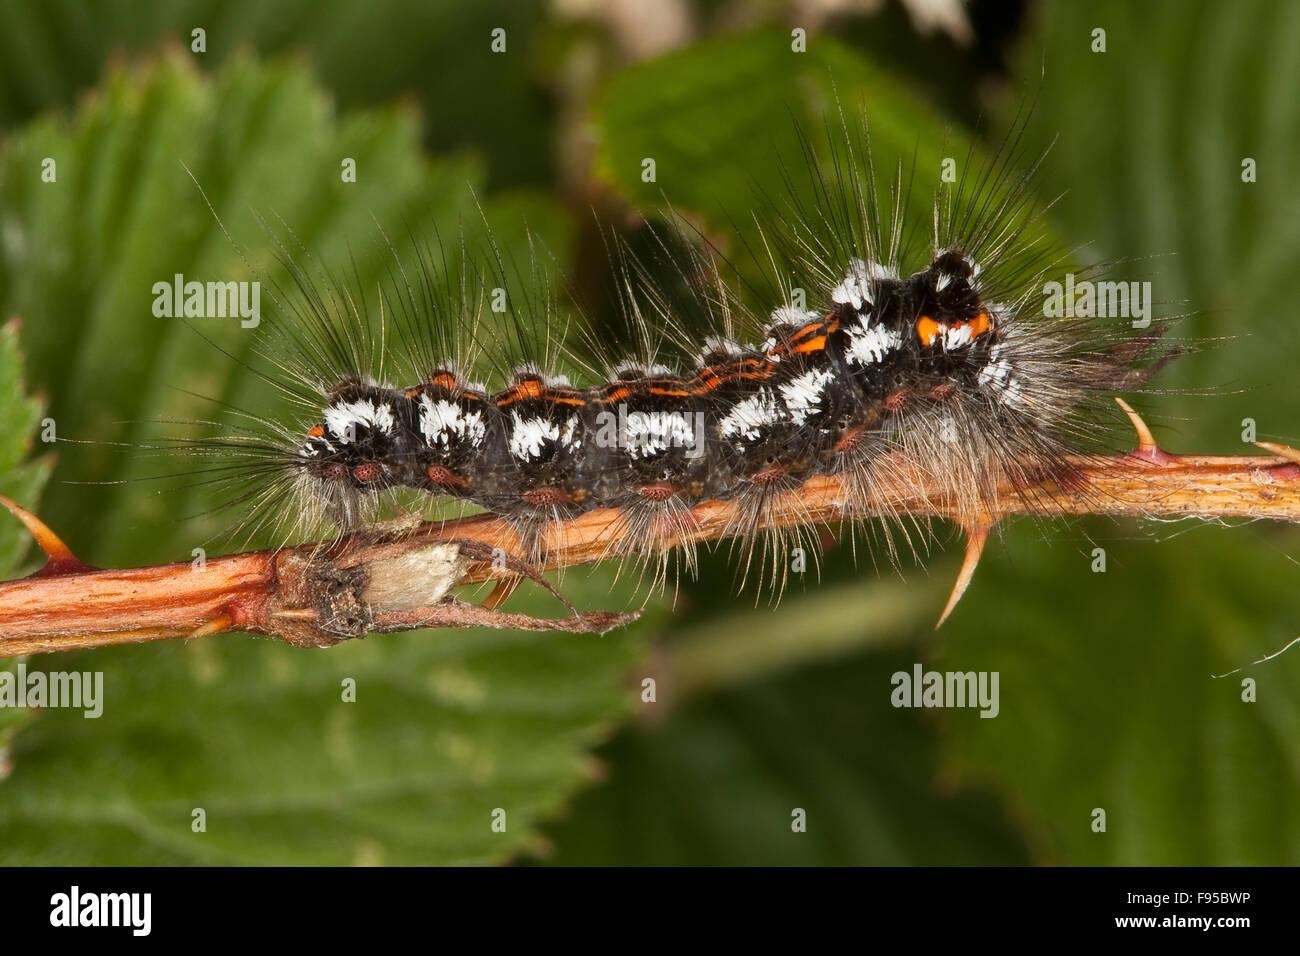 Gelb-Tail, Gold-Tail, Raupe, Schwan, Raupe, Euproctis Similis, Porthesia Similis, Sphrageidus Similis Stockbild